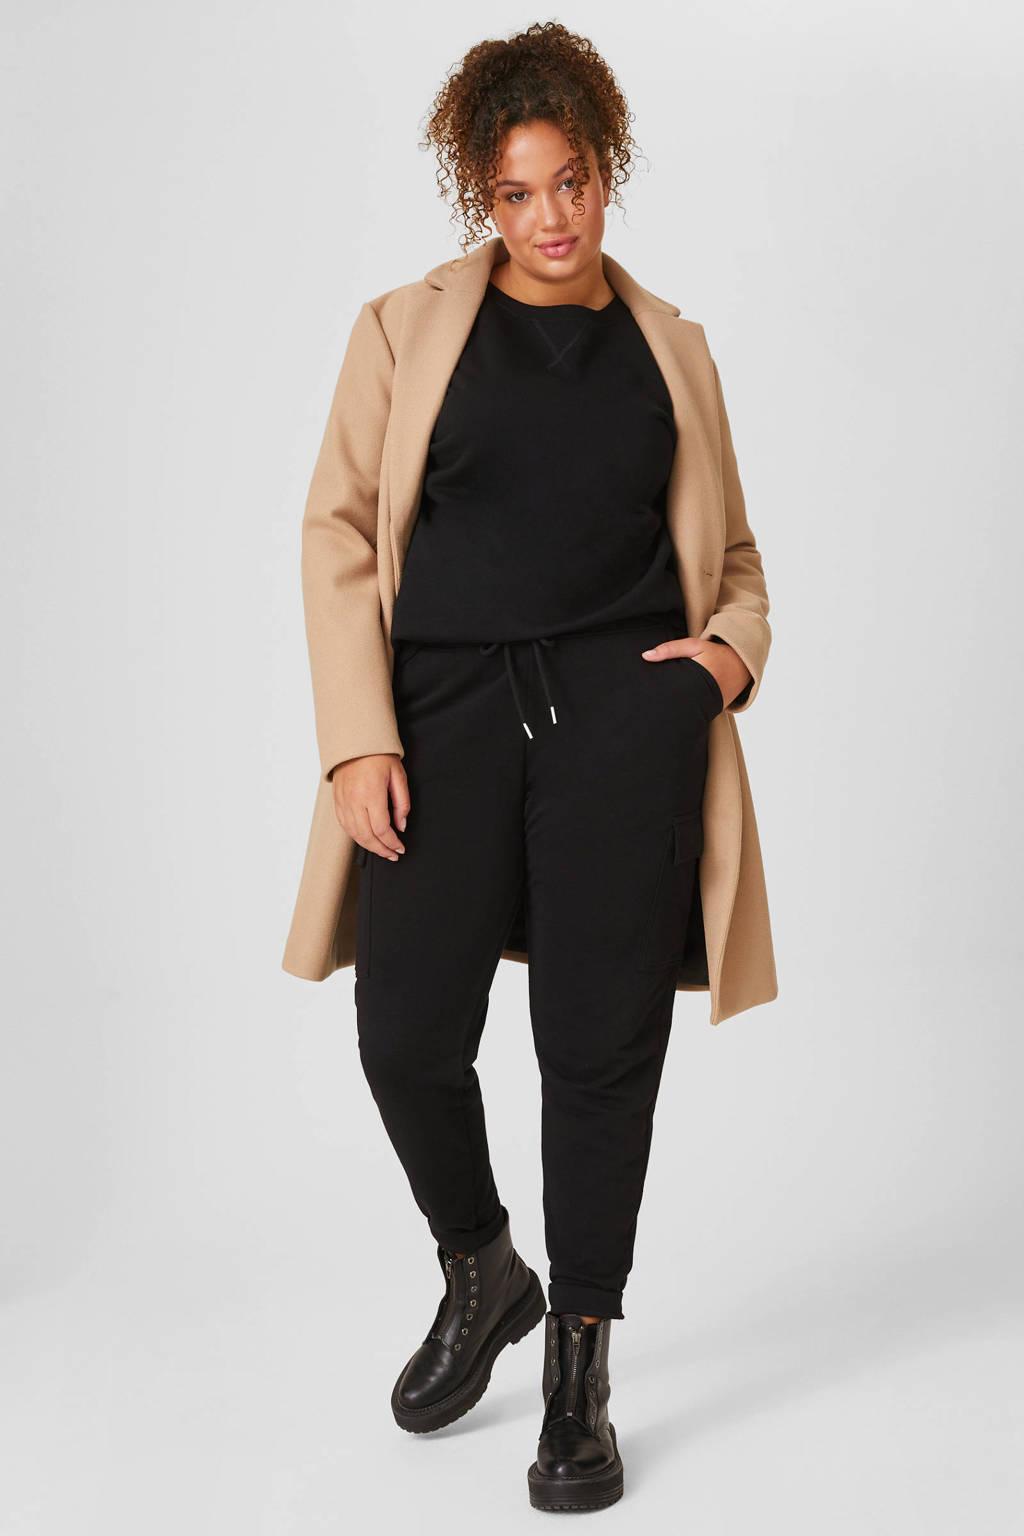 C&A XL Clockhouse joggingbroek zwart, Zwart